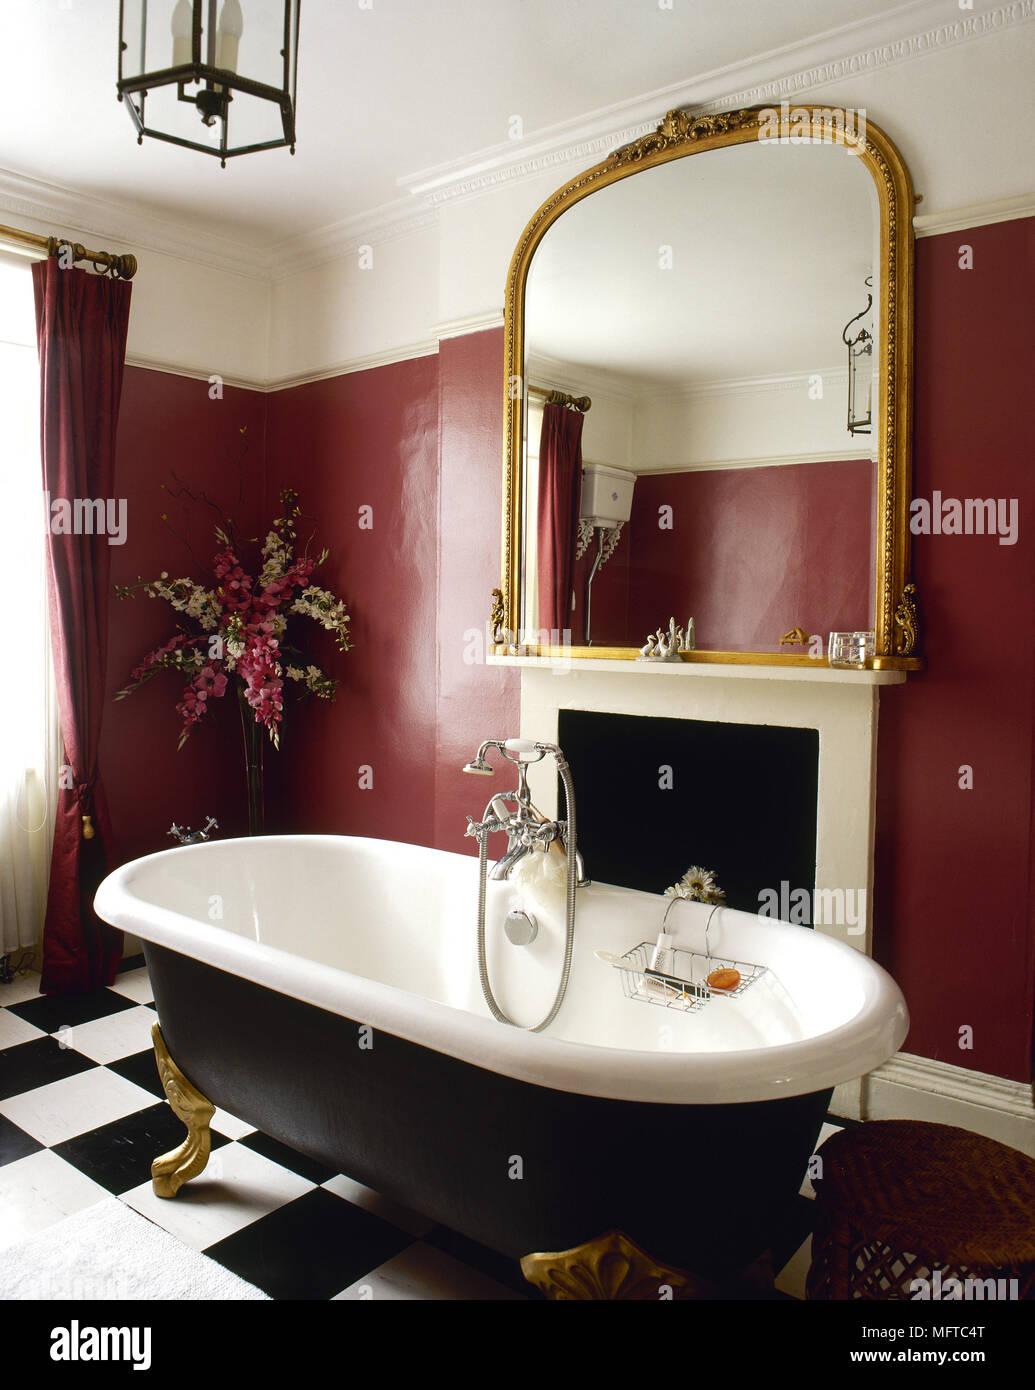 Tradizionale Bagno Di Colore Rosso Con Dettagli Roll Top Vasca In